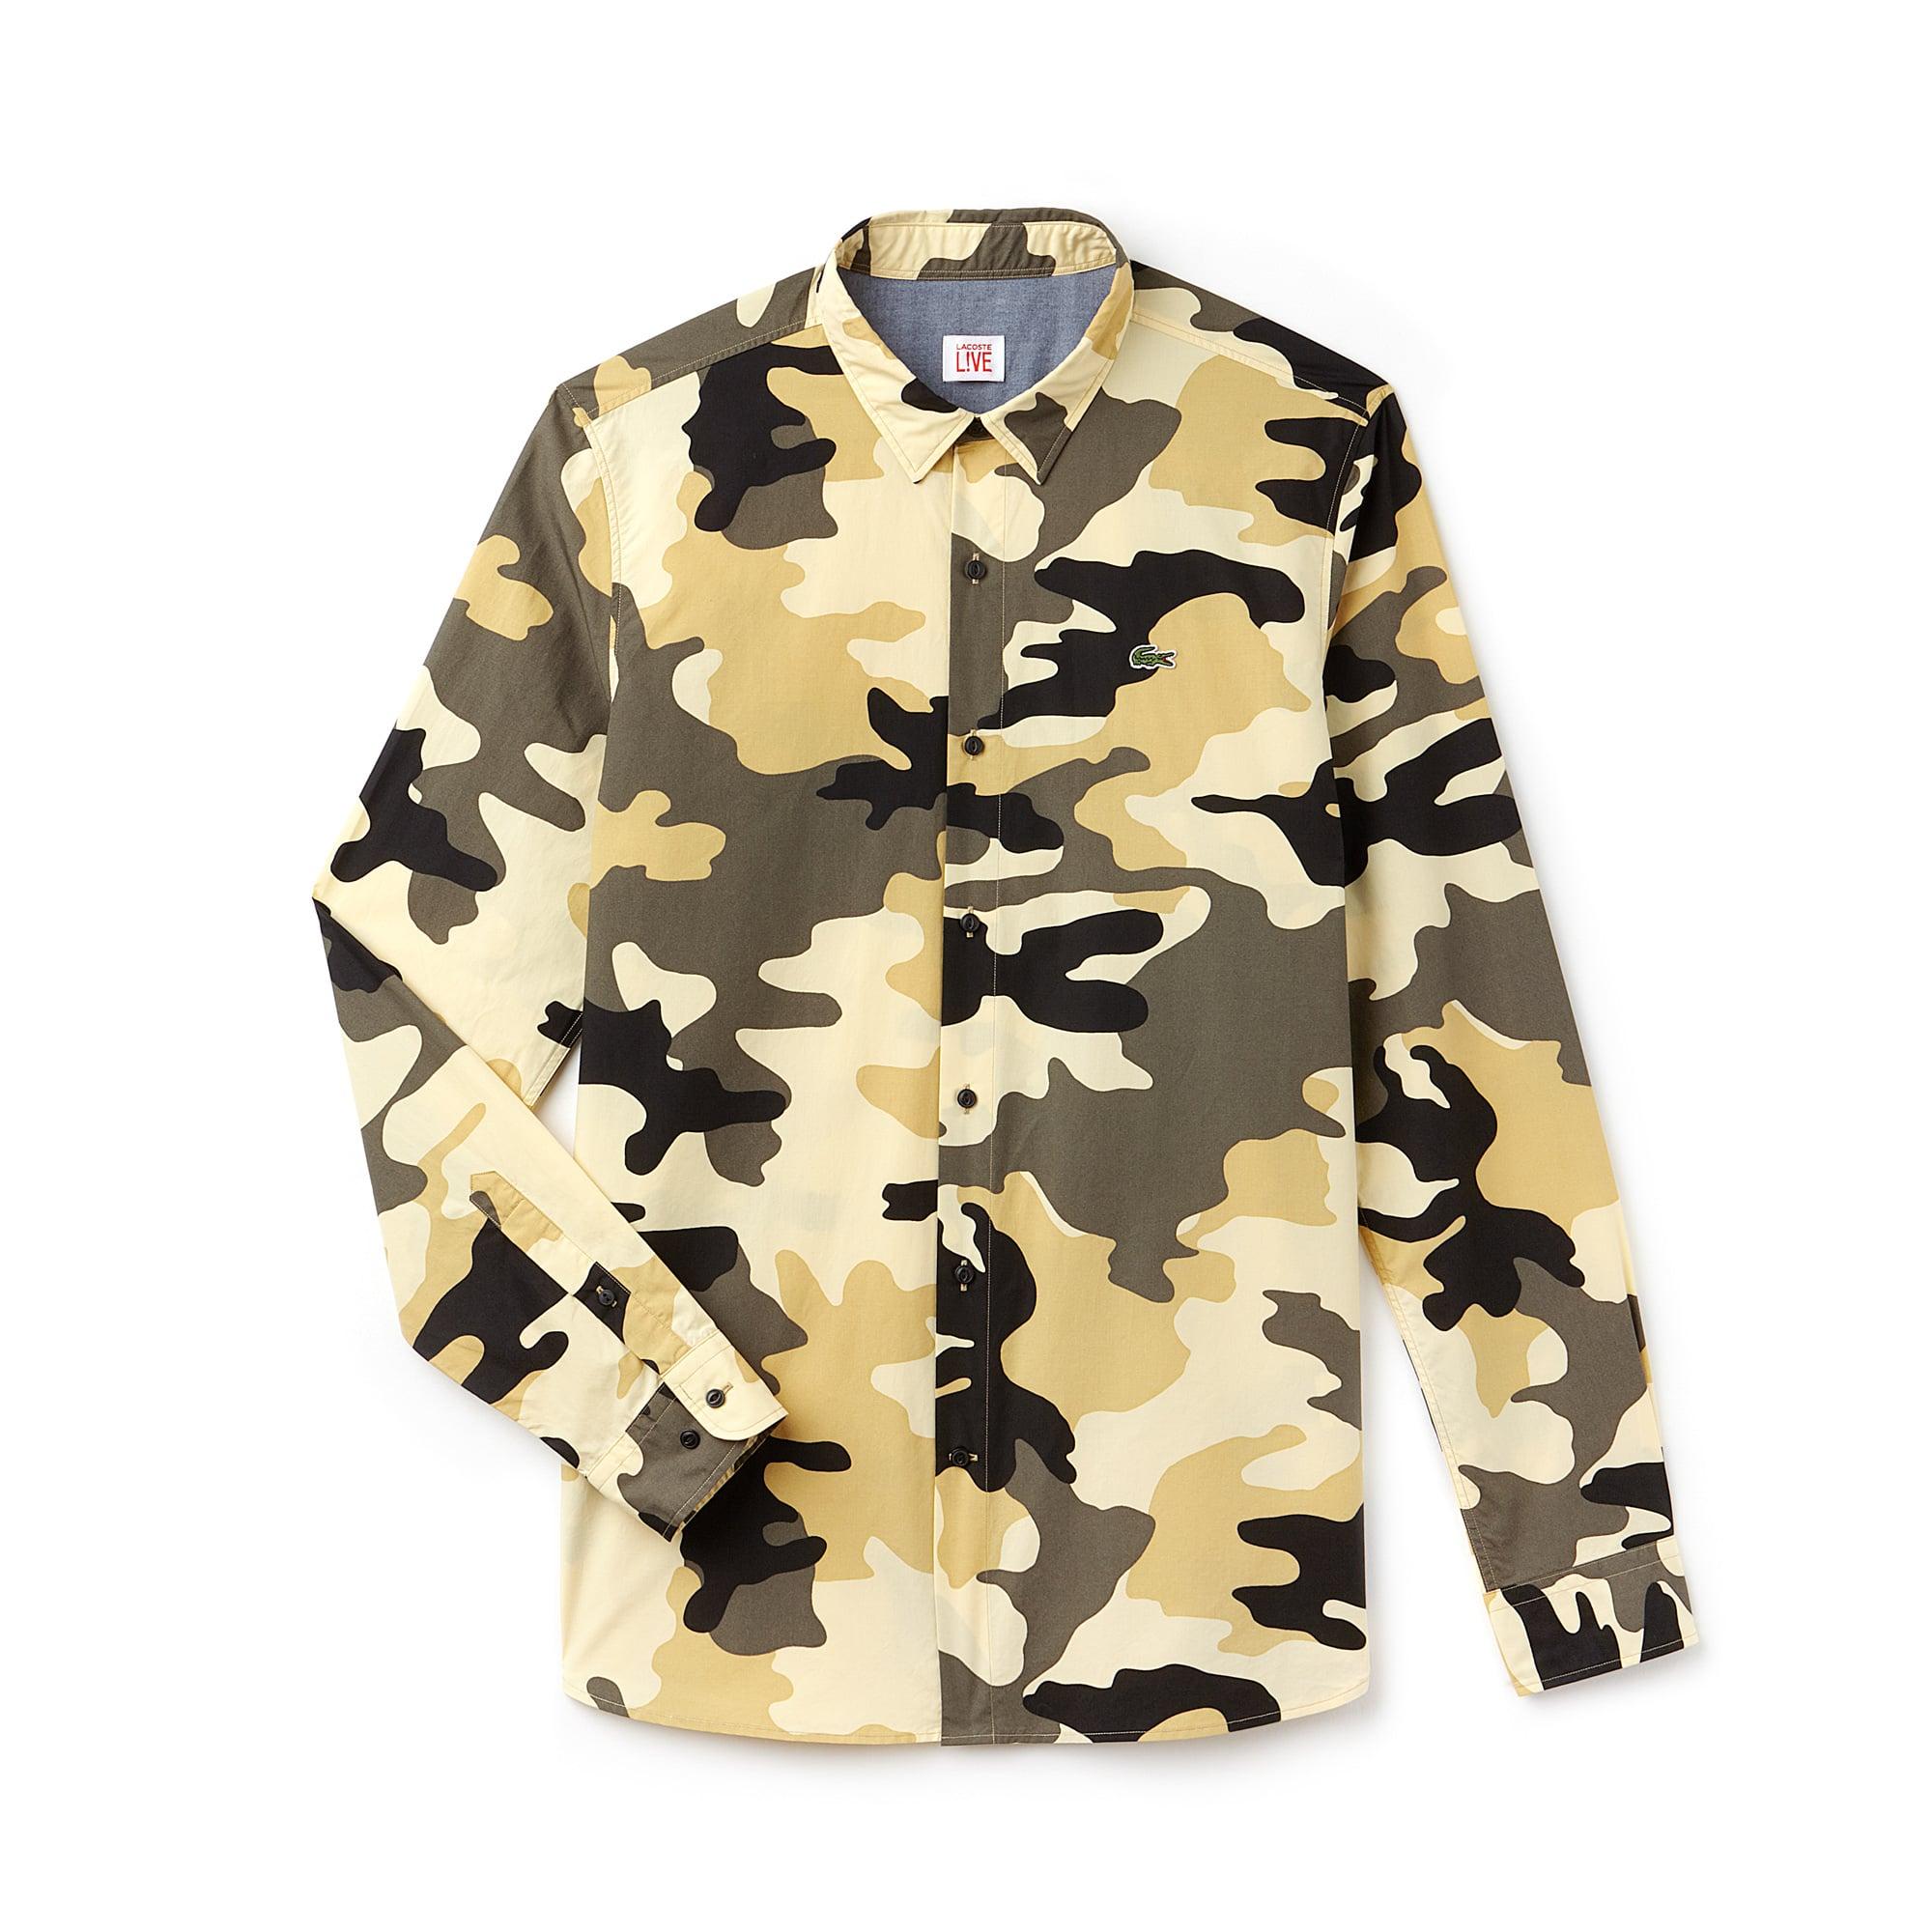 Camisa slim fit Lacoste LIVE em popelina com impressão camuflagem